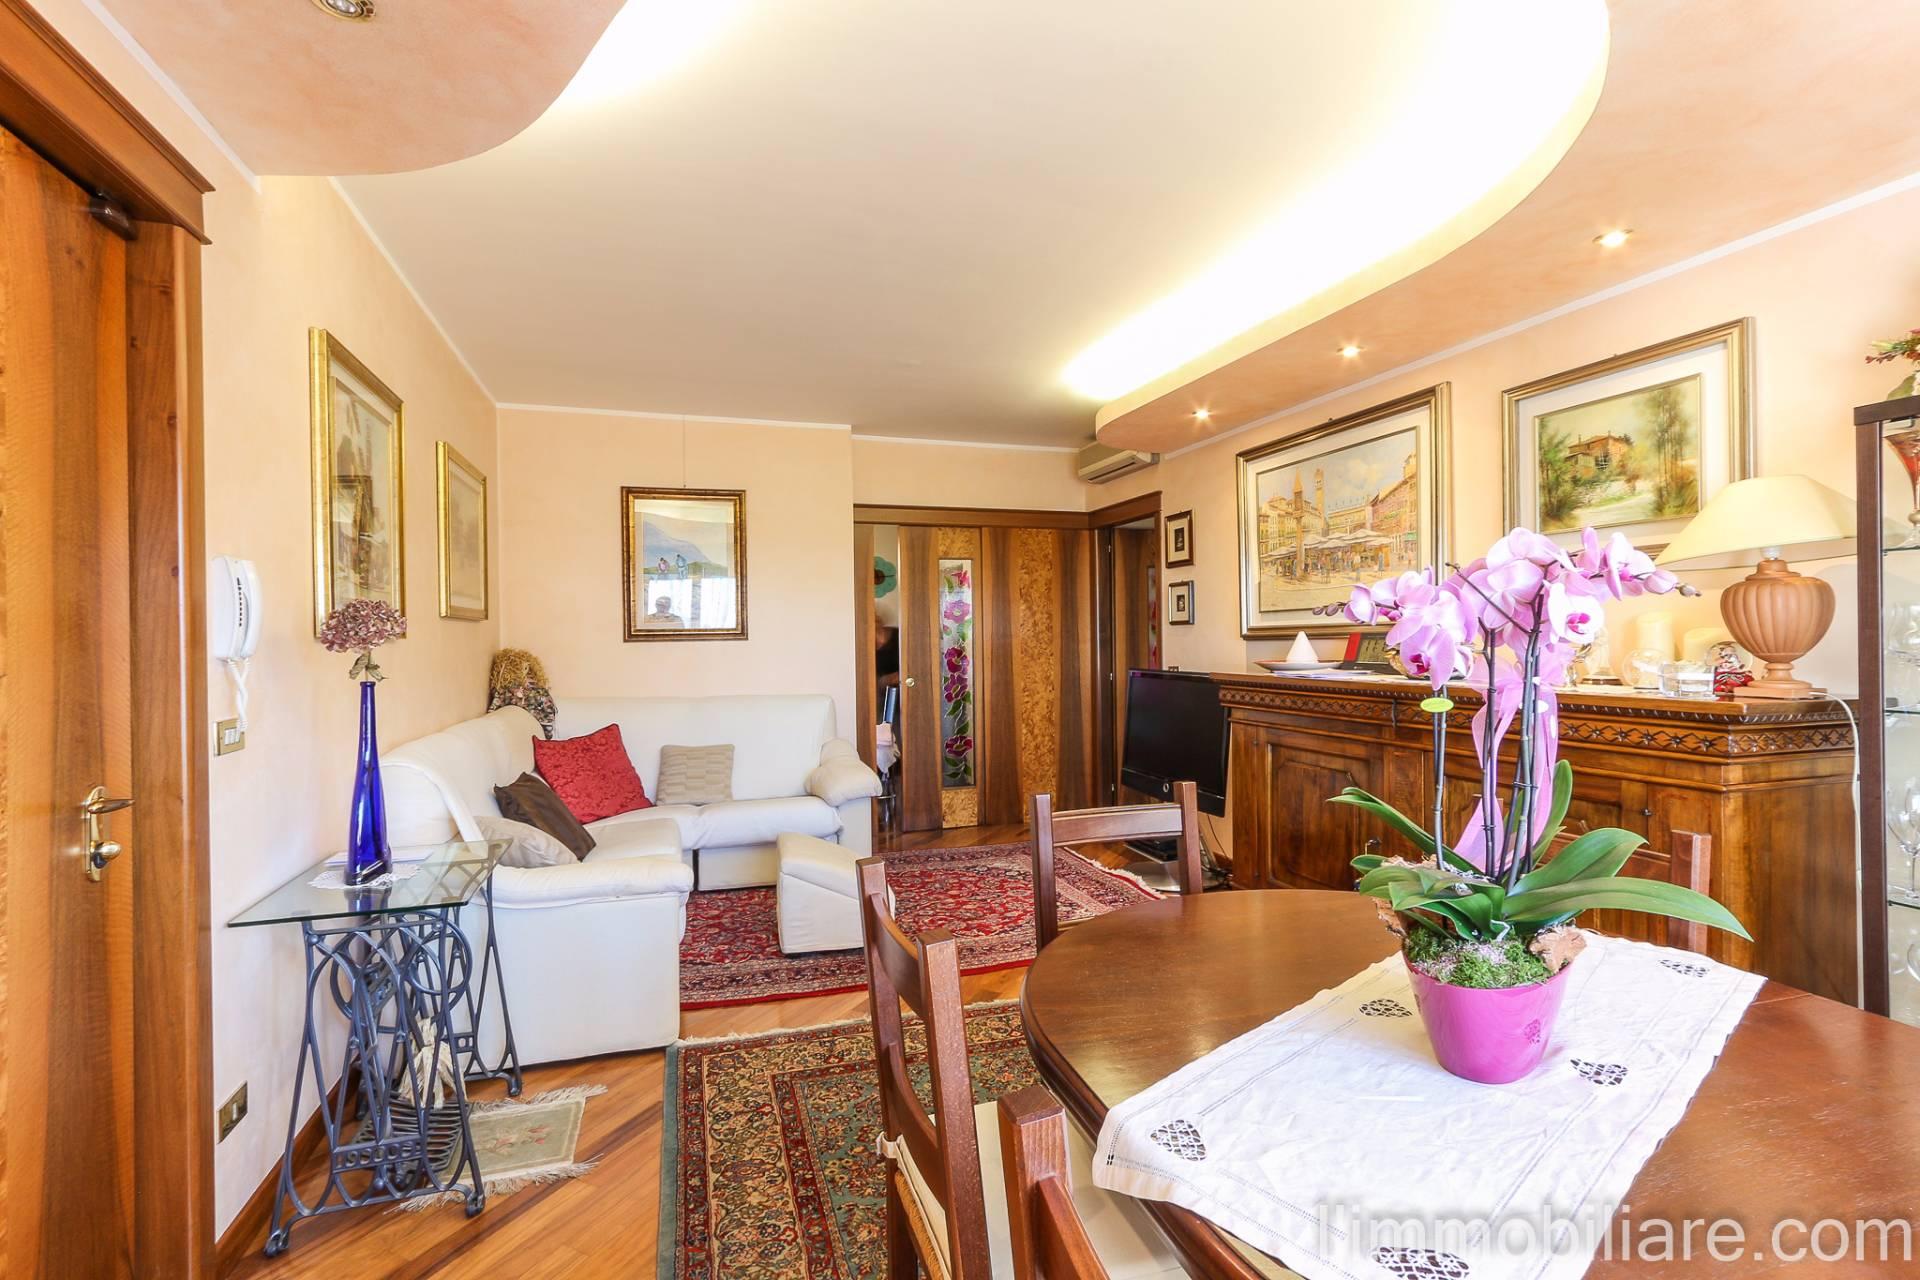 Appartamento in vendita a Verona, 5 locali, zona Località: PonteCrencano, prezzo € 260.000 | CambioCasa.it